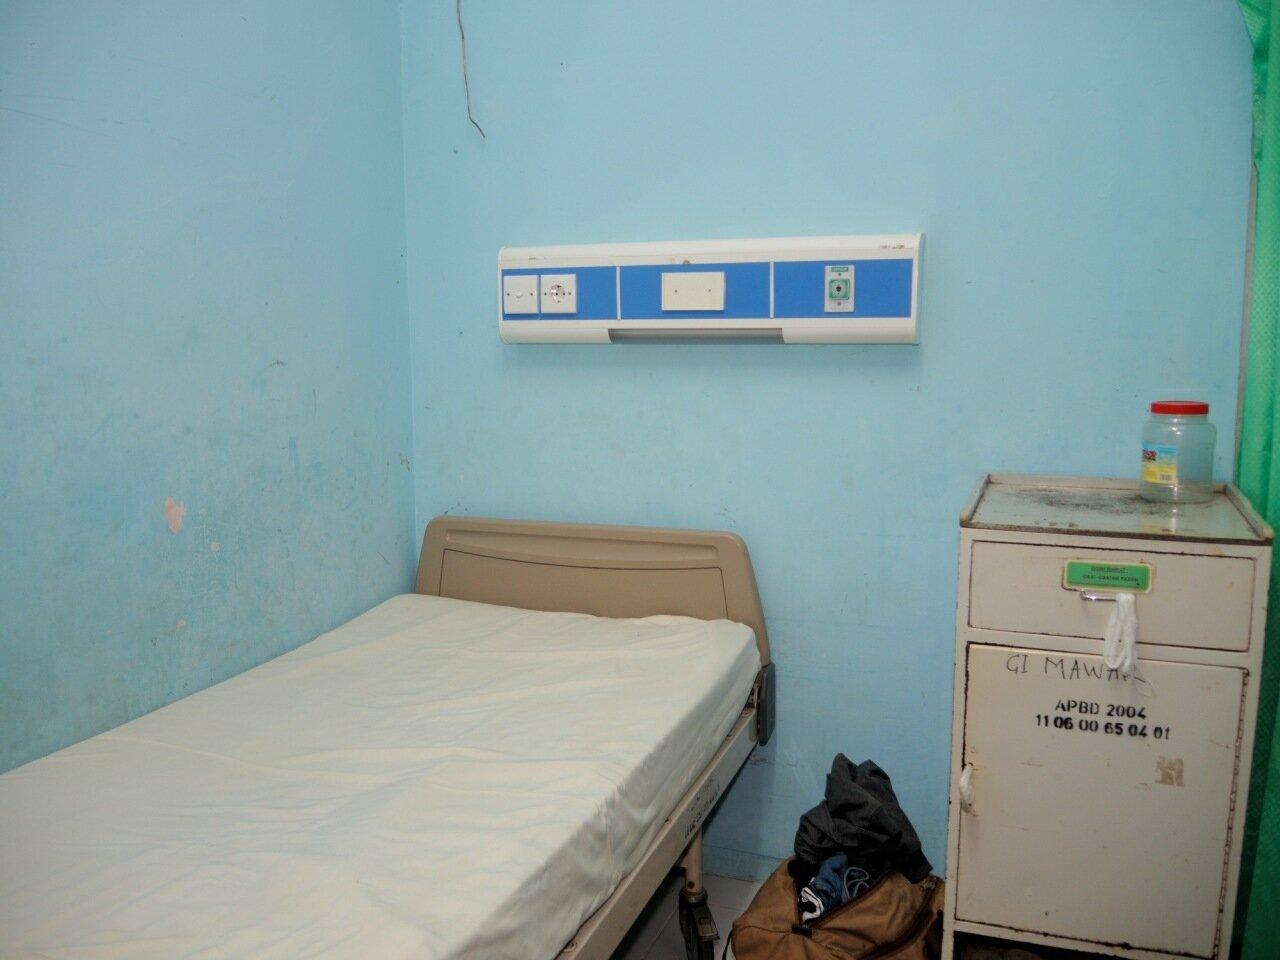 палата в индонезийской больнице